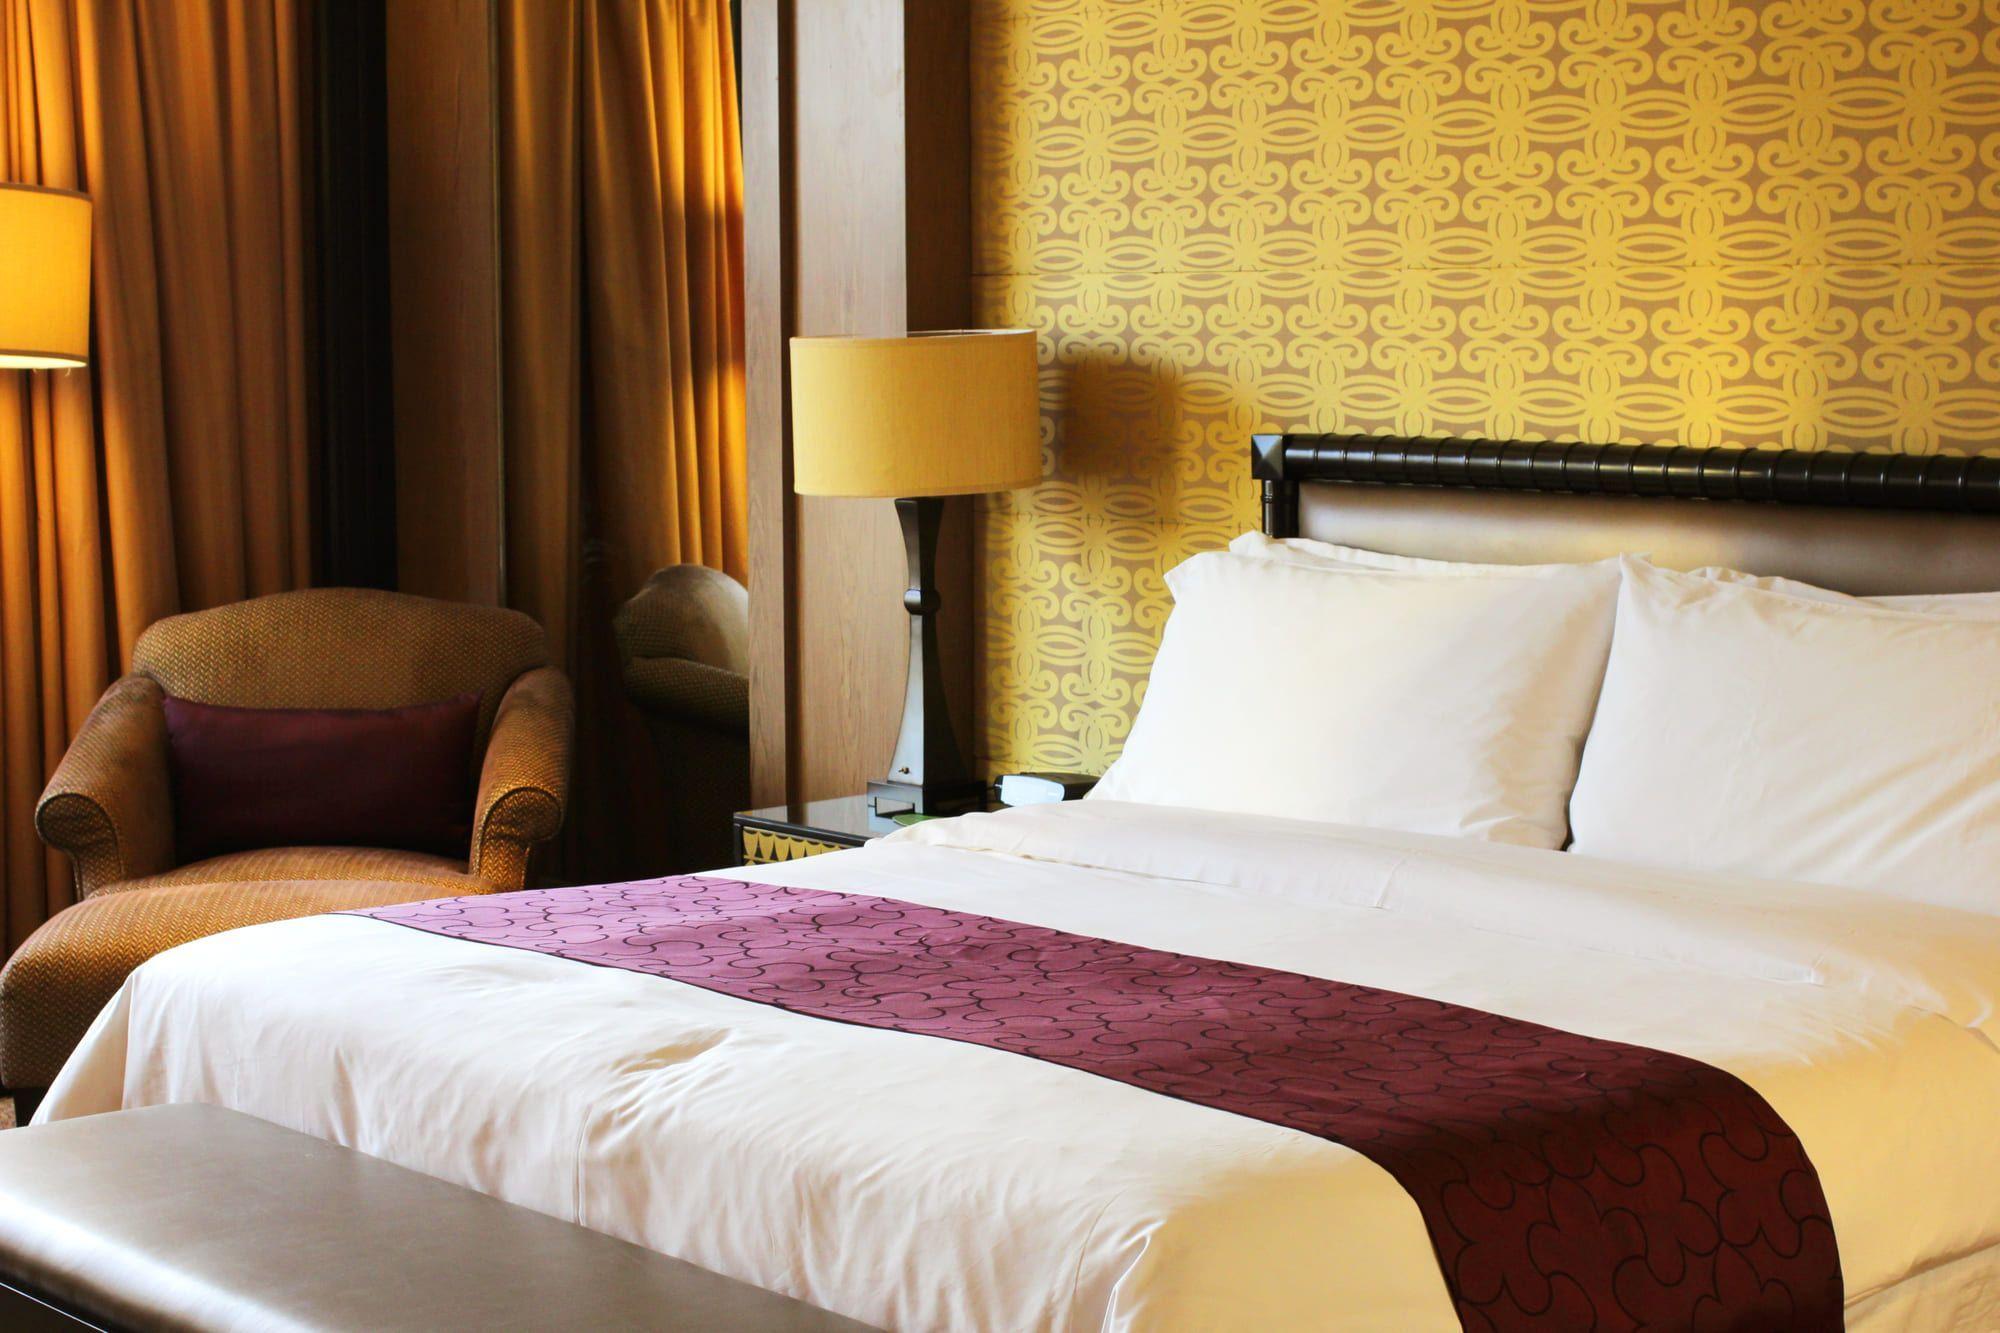 SPGアメックスの無料宿泊特典は年会費以上にお得!概要・対象ホテル・利用方法を解説